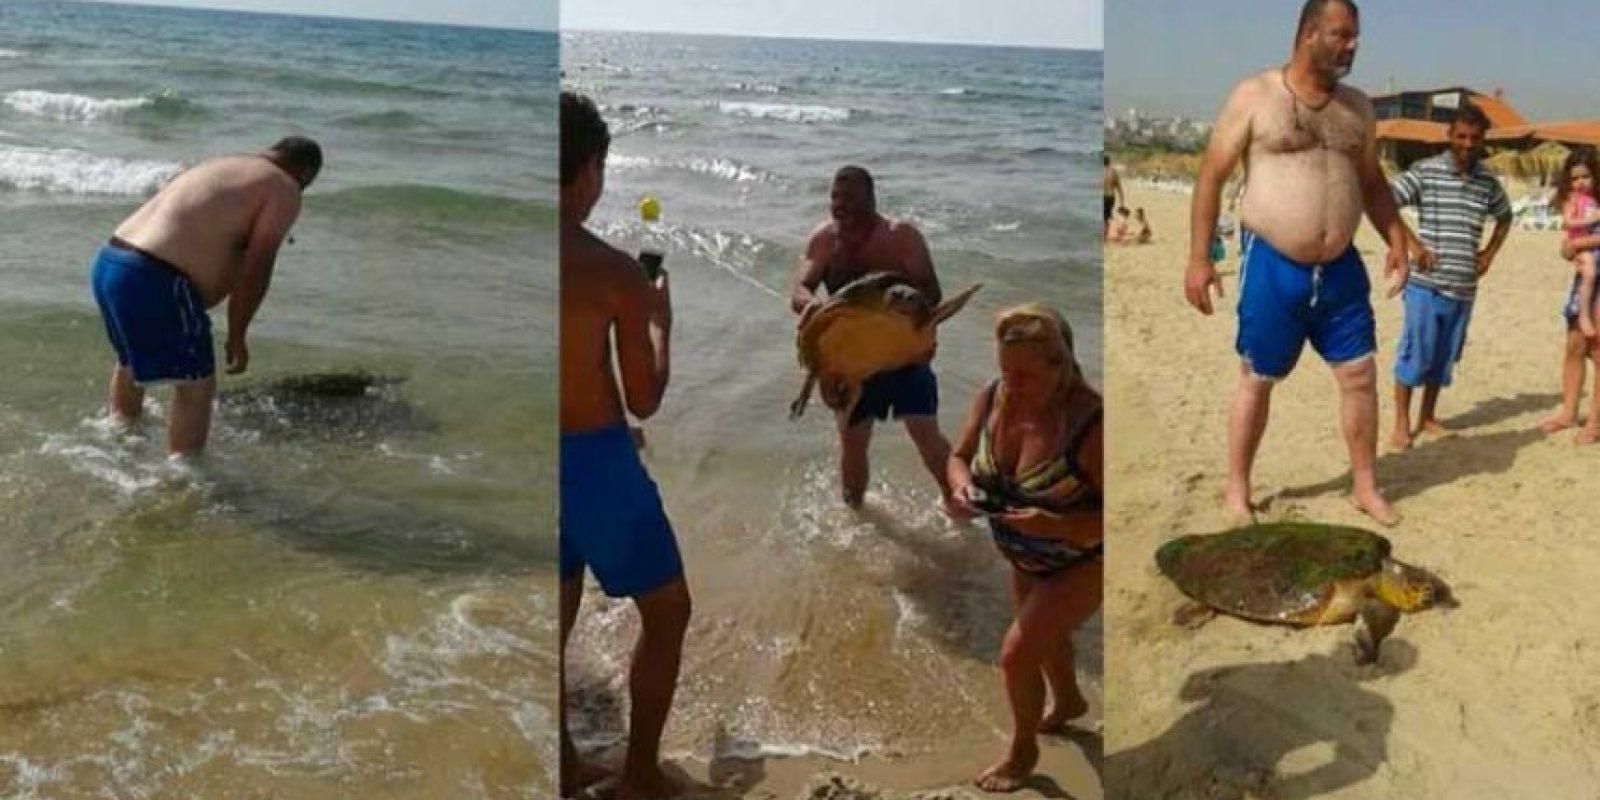 El hecho tuvo lugar en una playa ubicada al sur de Beirut. Foto:Animals Lebanon. Imagen Por: